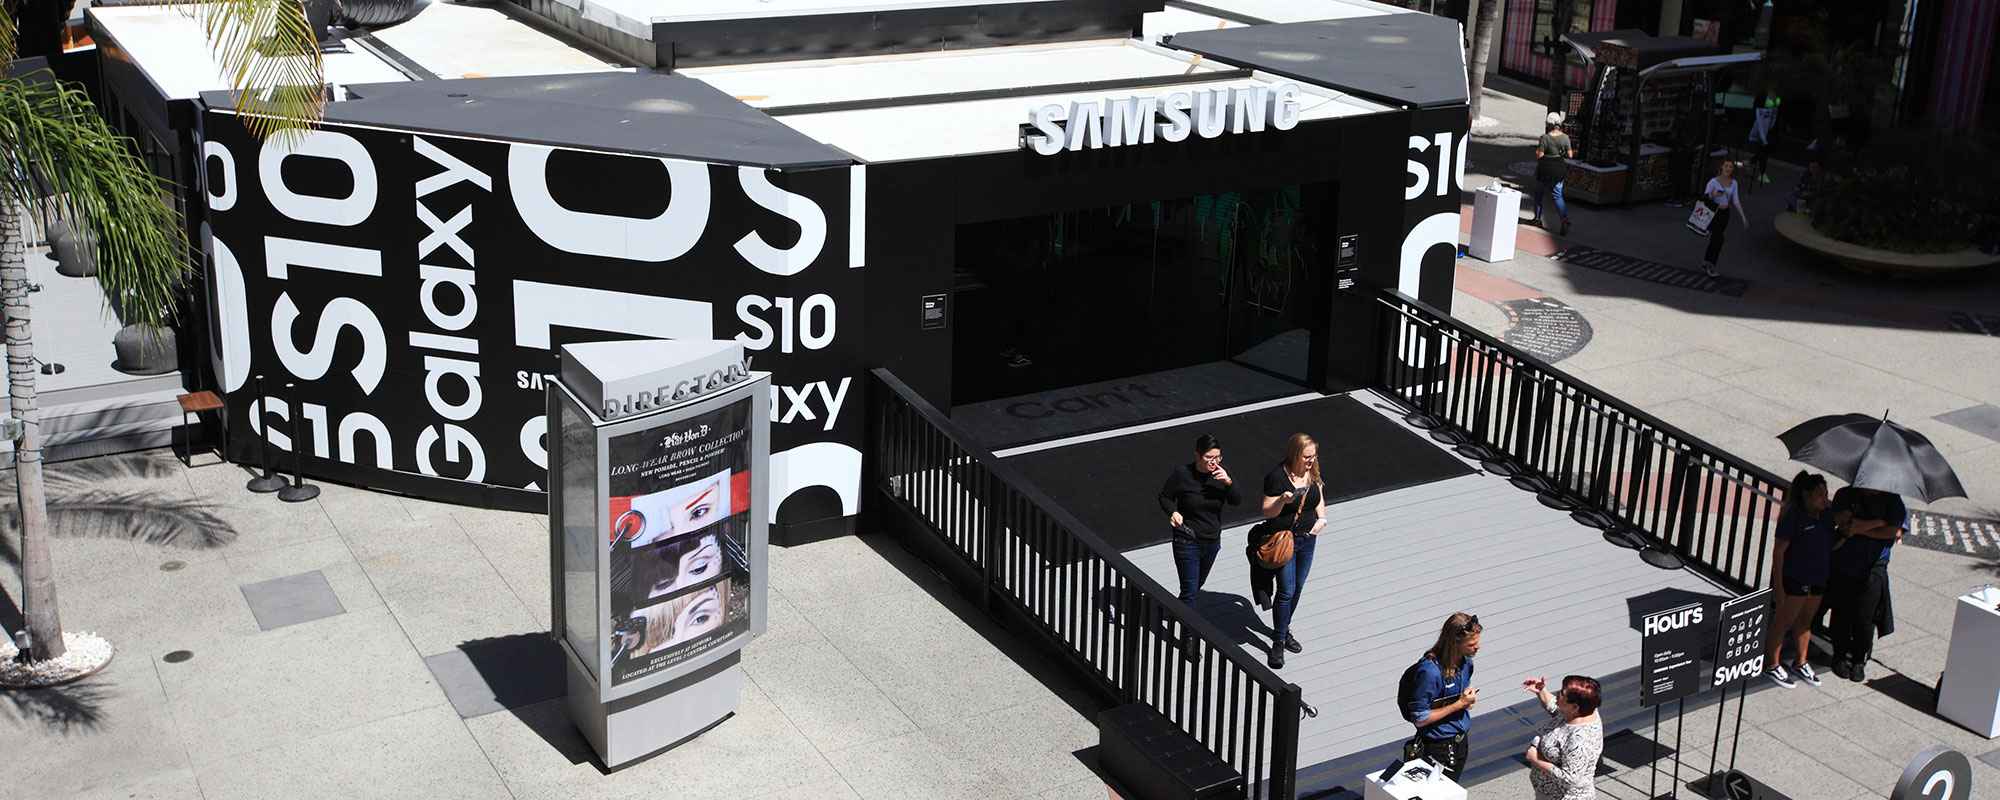 Samsung Special Event